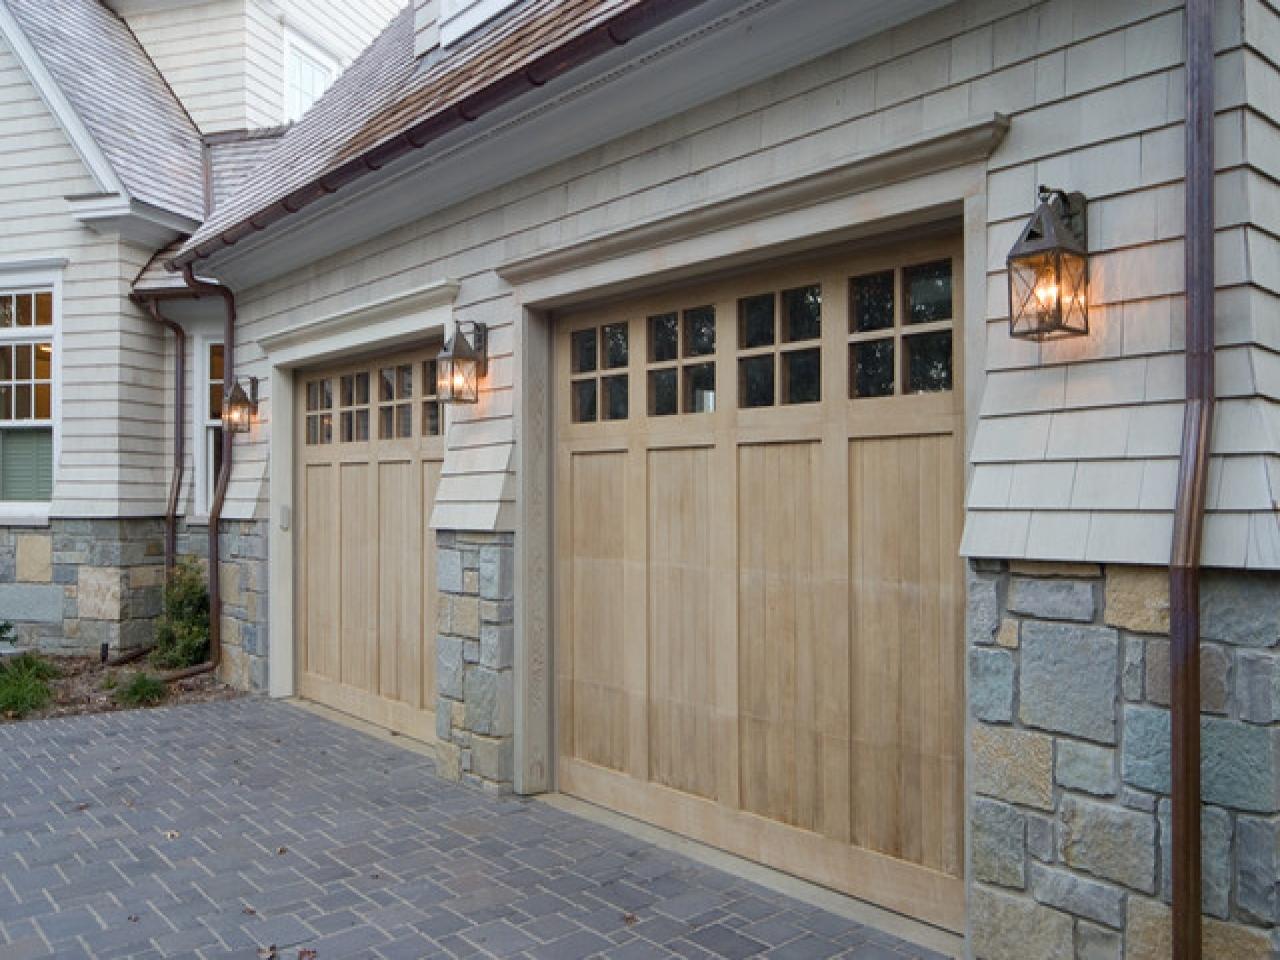 40 Outdoor Lights For Garage Door, 15 Different Outdoor Lighting With Regard To Outdoor Lanterns For Garage (View 5 of 20)